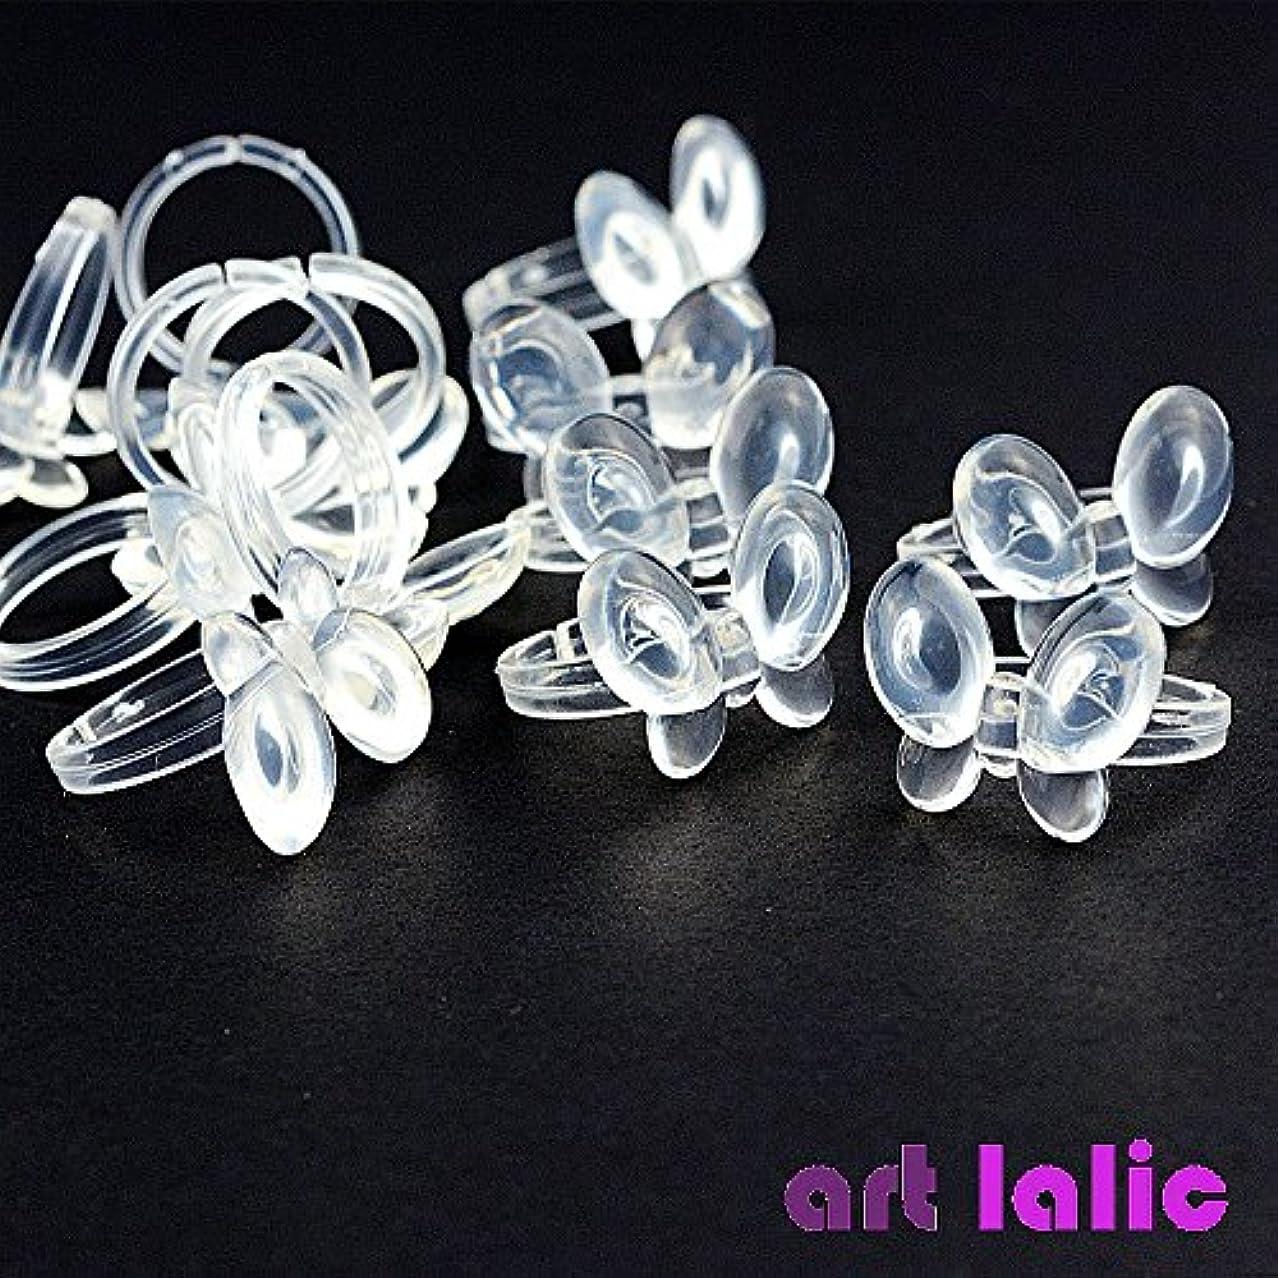 準備する焦げ噛むArtlalic Display Chart Ring Flower Butterfly Manicure False Tip Polish Gel Tool 50 Pcs/Set